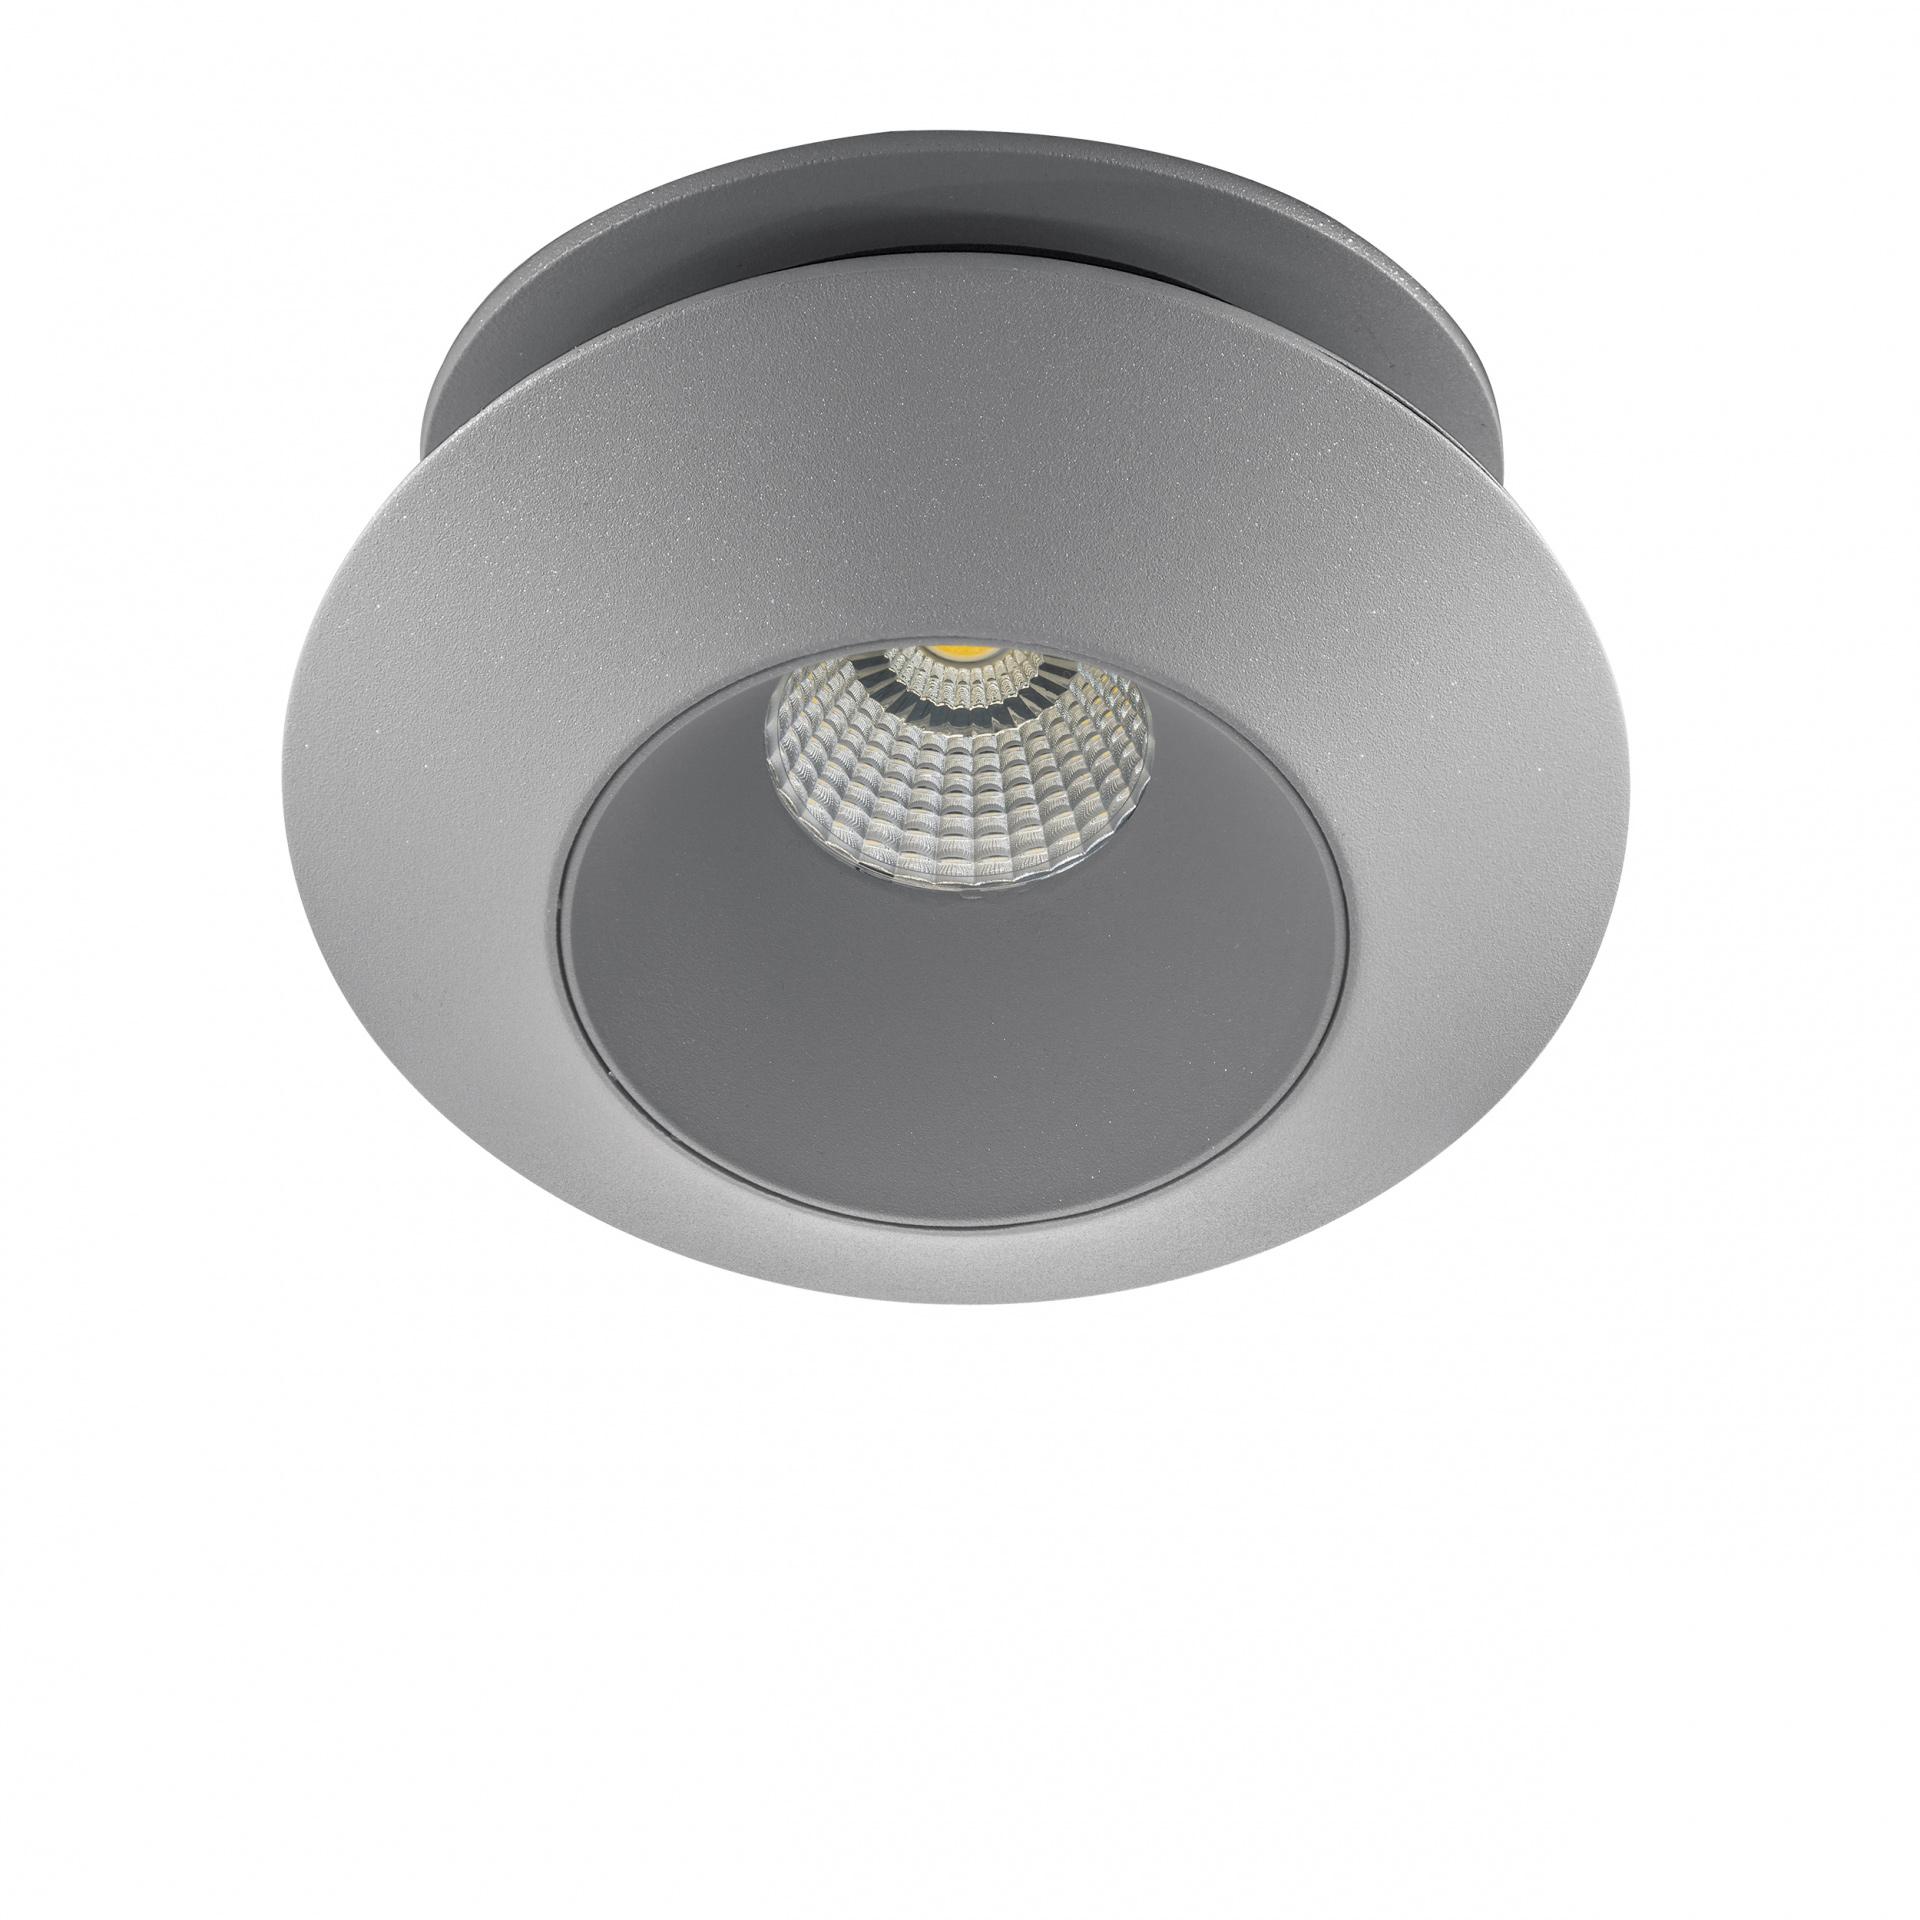 Светильник Orbe LED 15W 1240LM 60G серый 3000K Lightstar 051309, купить в СПб, Москве, с доставкой, Санкт-Петербург, интернет-магазин люстр и светильников Starlight, фото в жизни